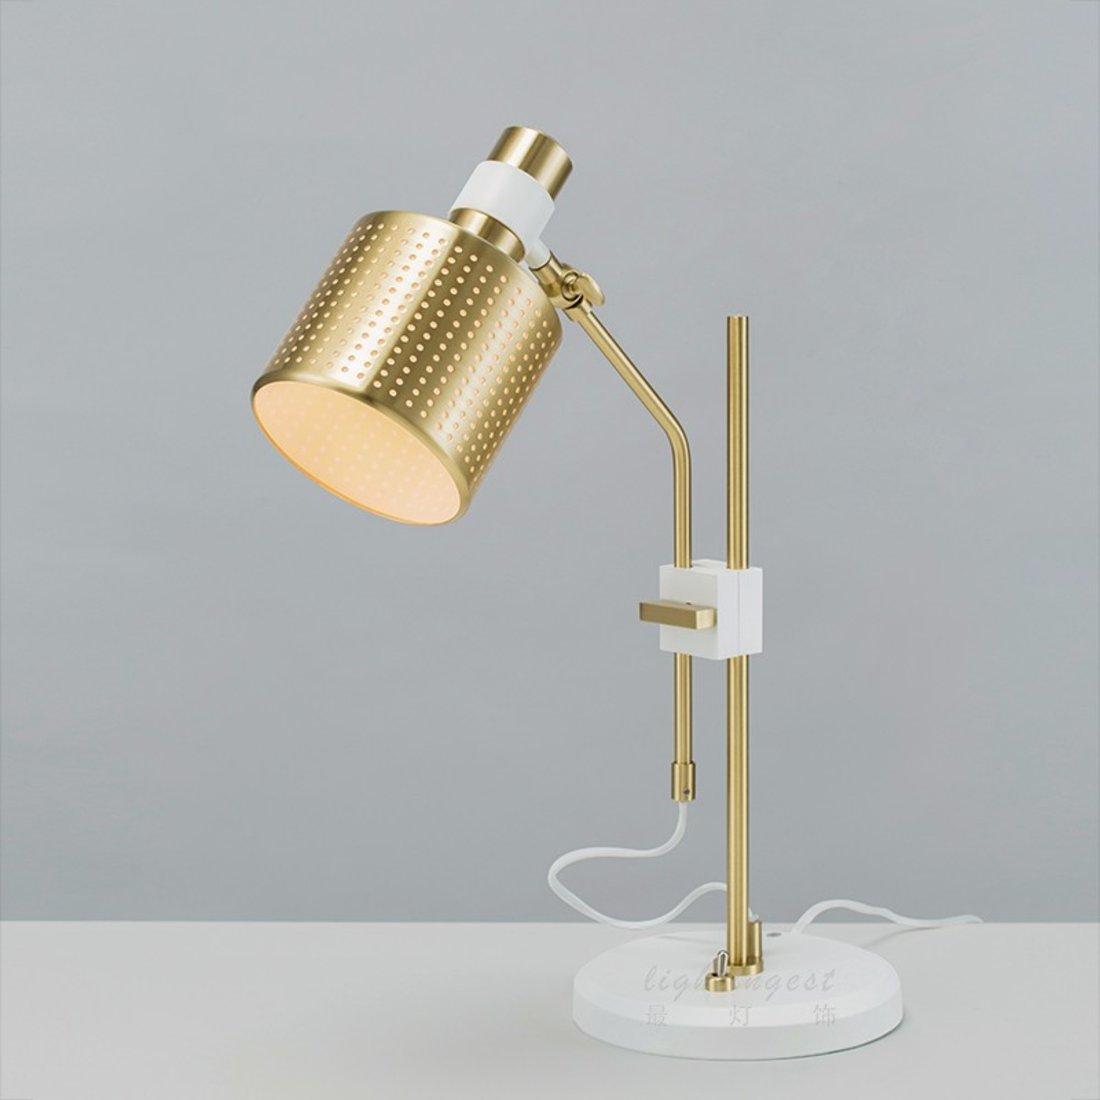 后现代金属台灯